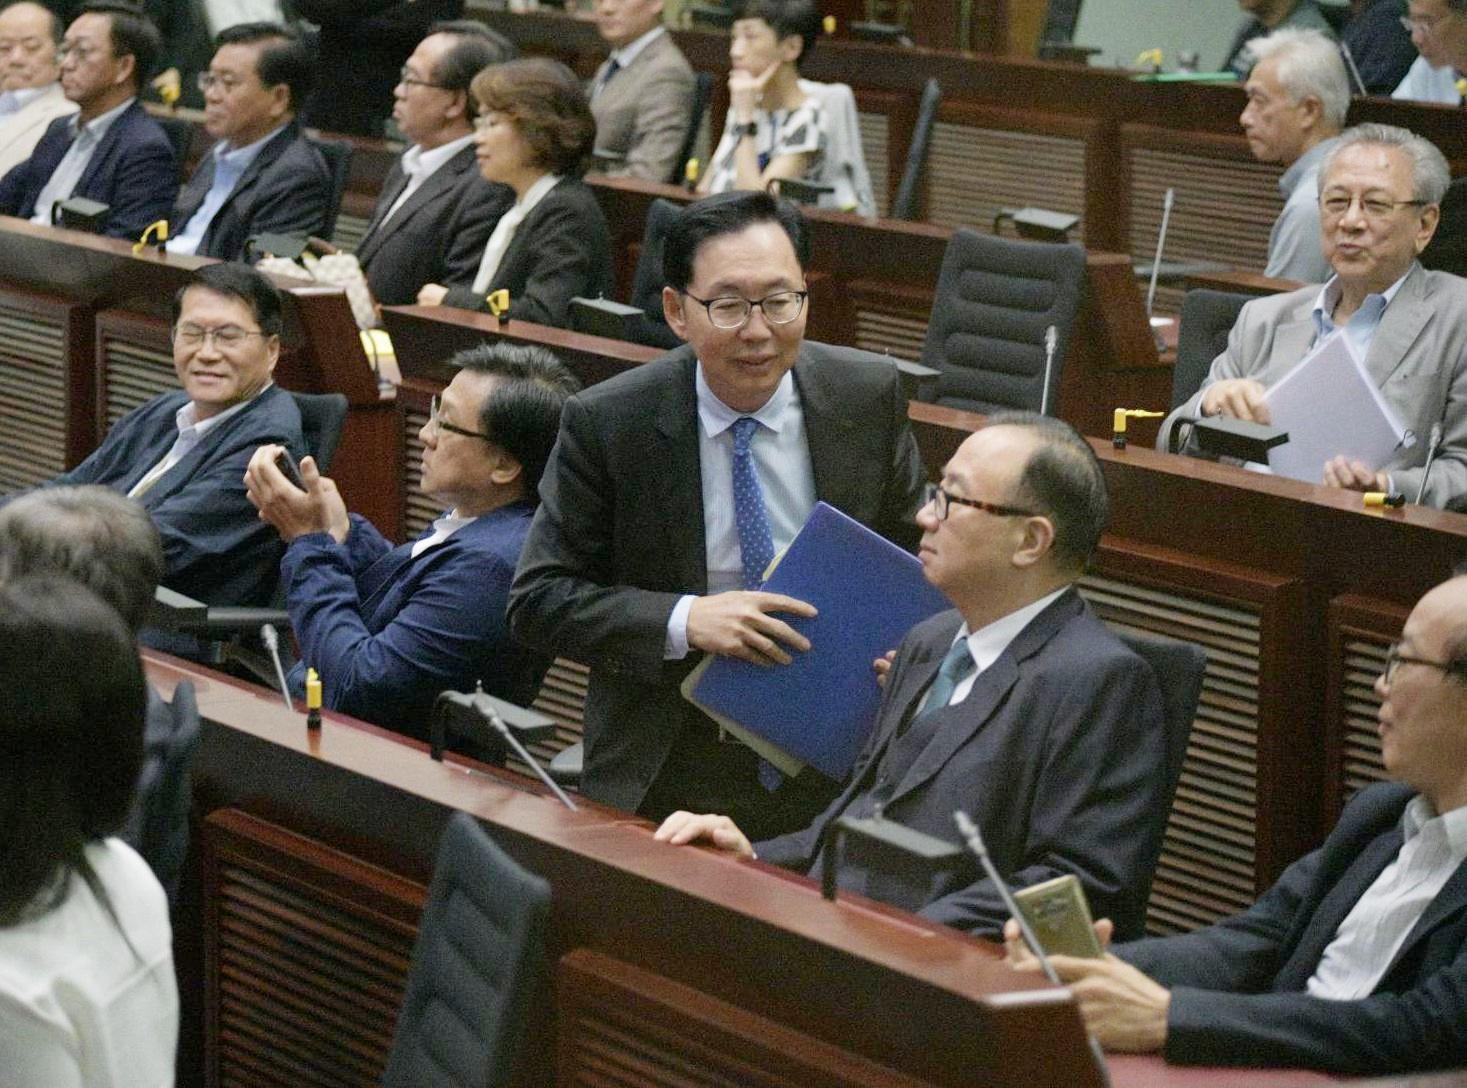 【修例風波】陳健波當選立會財委會主席 冀立法會能有規矩做事令香港重回正軌